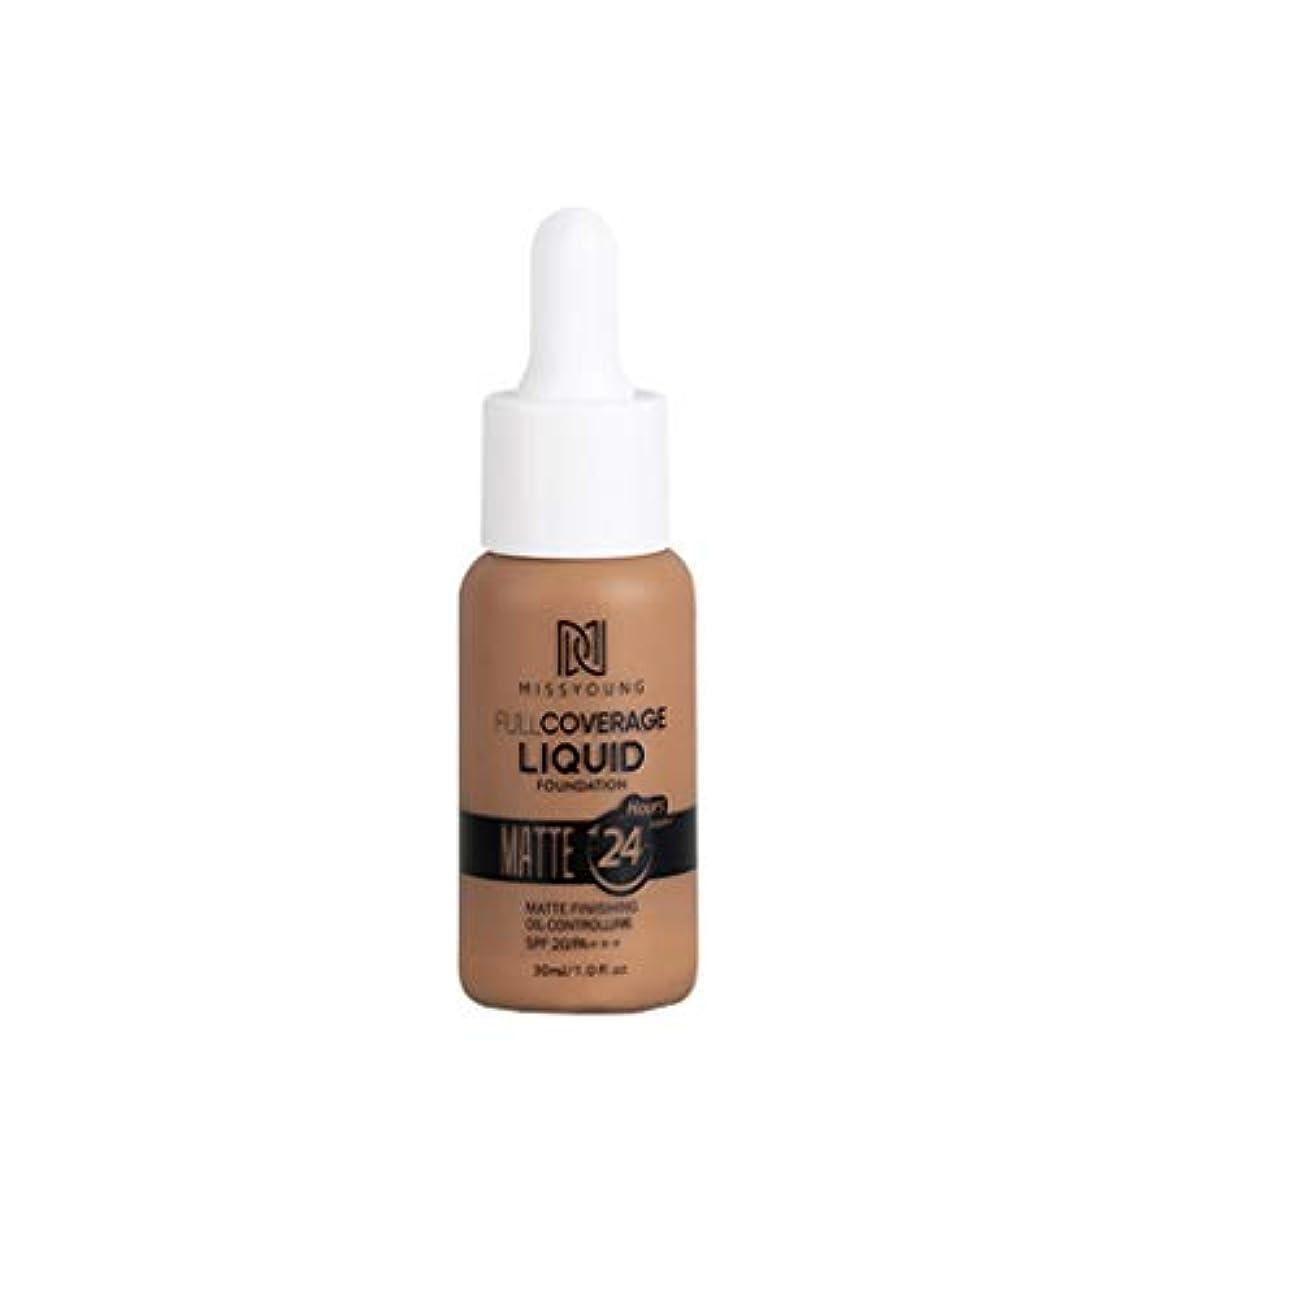 モンゴメリー目指す生産的コンシーラー ホワイトニング ビューティー ヘルスケア つや消し UVコンシーラー 水に強い アクネコンシーラー 防水傷跡コンシーラー 自然な肌色 爽やかクール